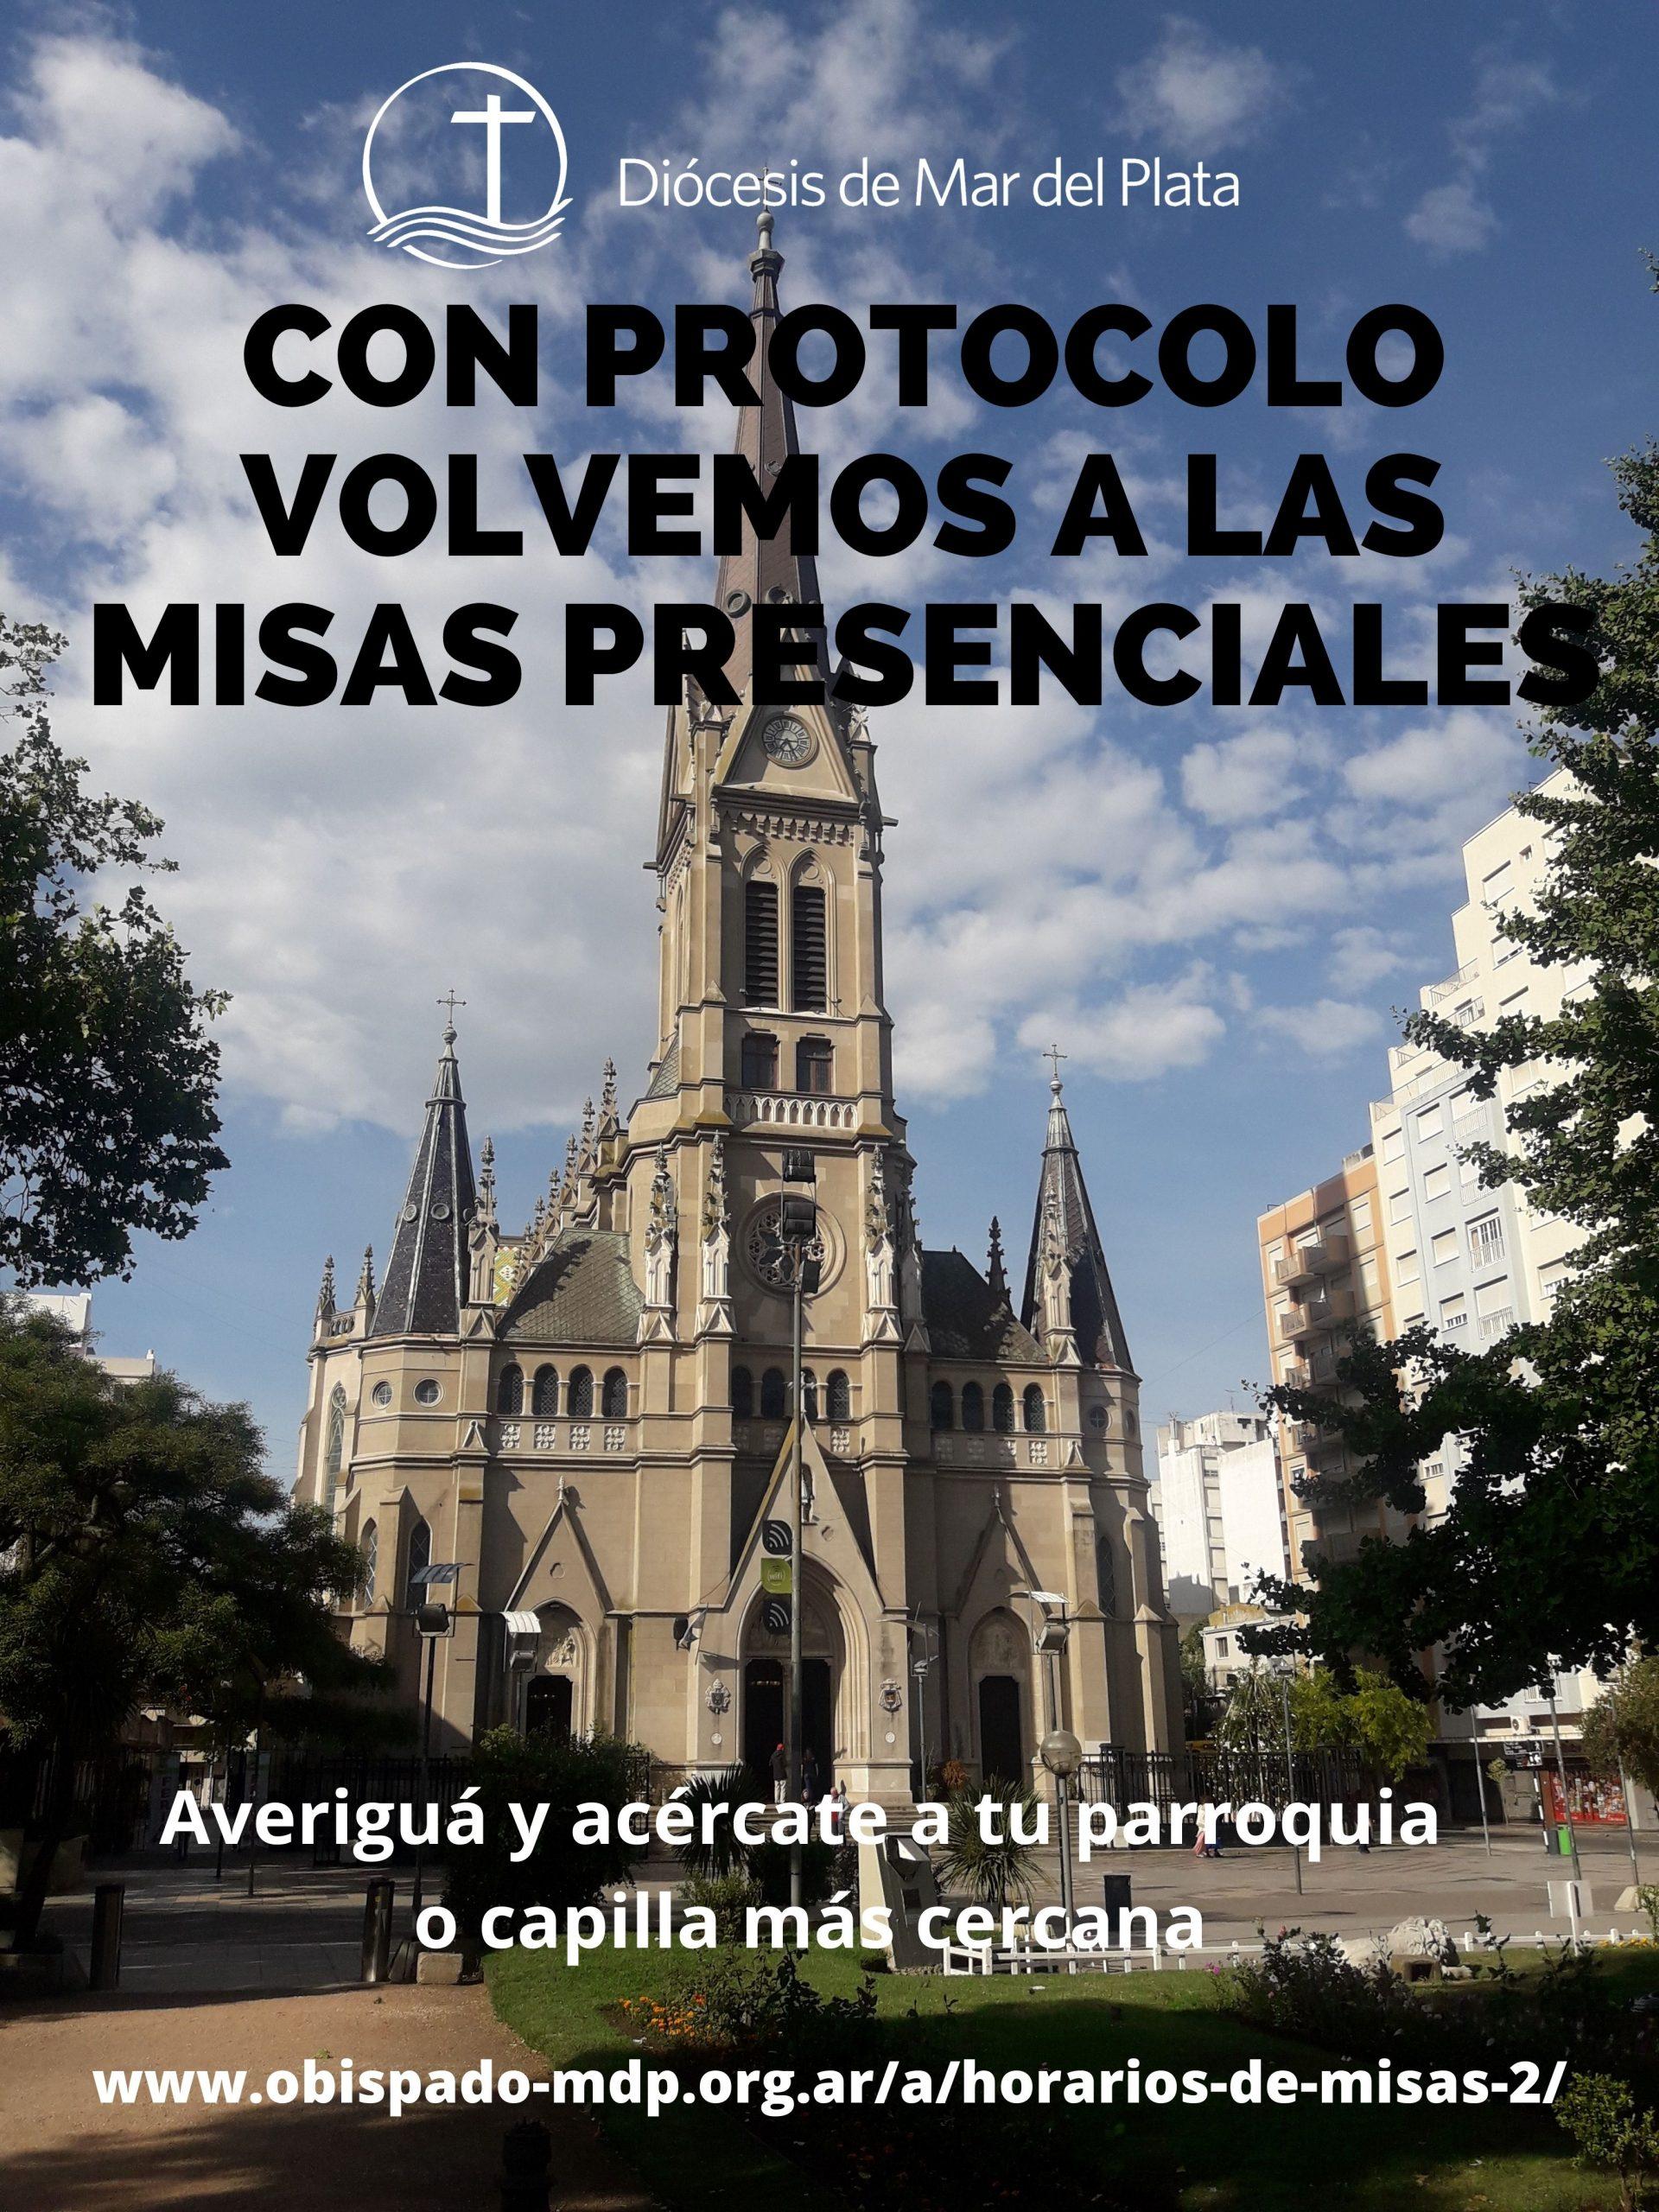 Con protocolo, se reanudaron las misas presenciales